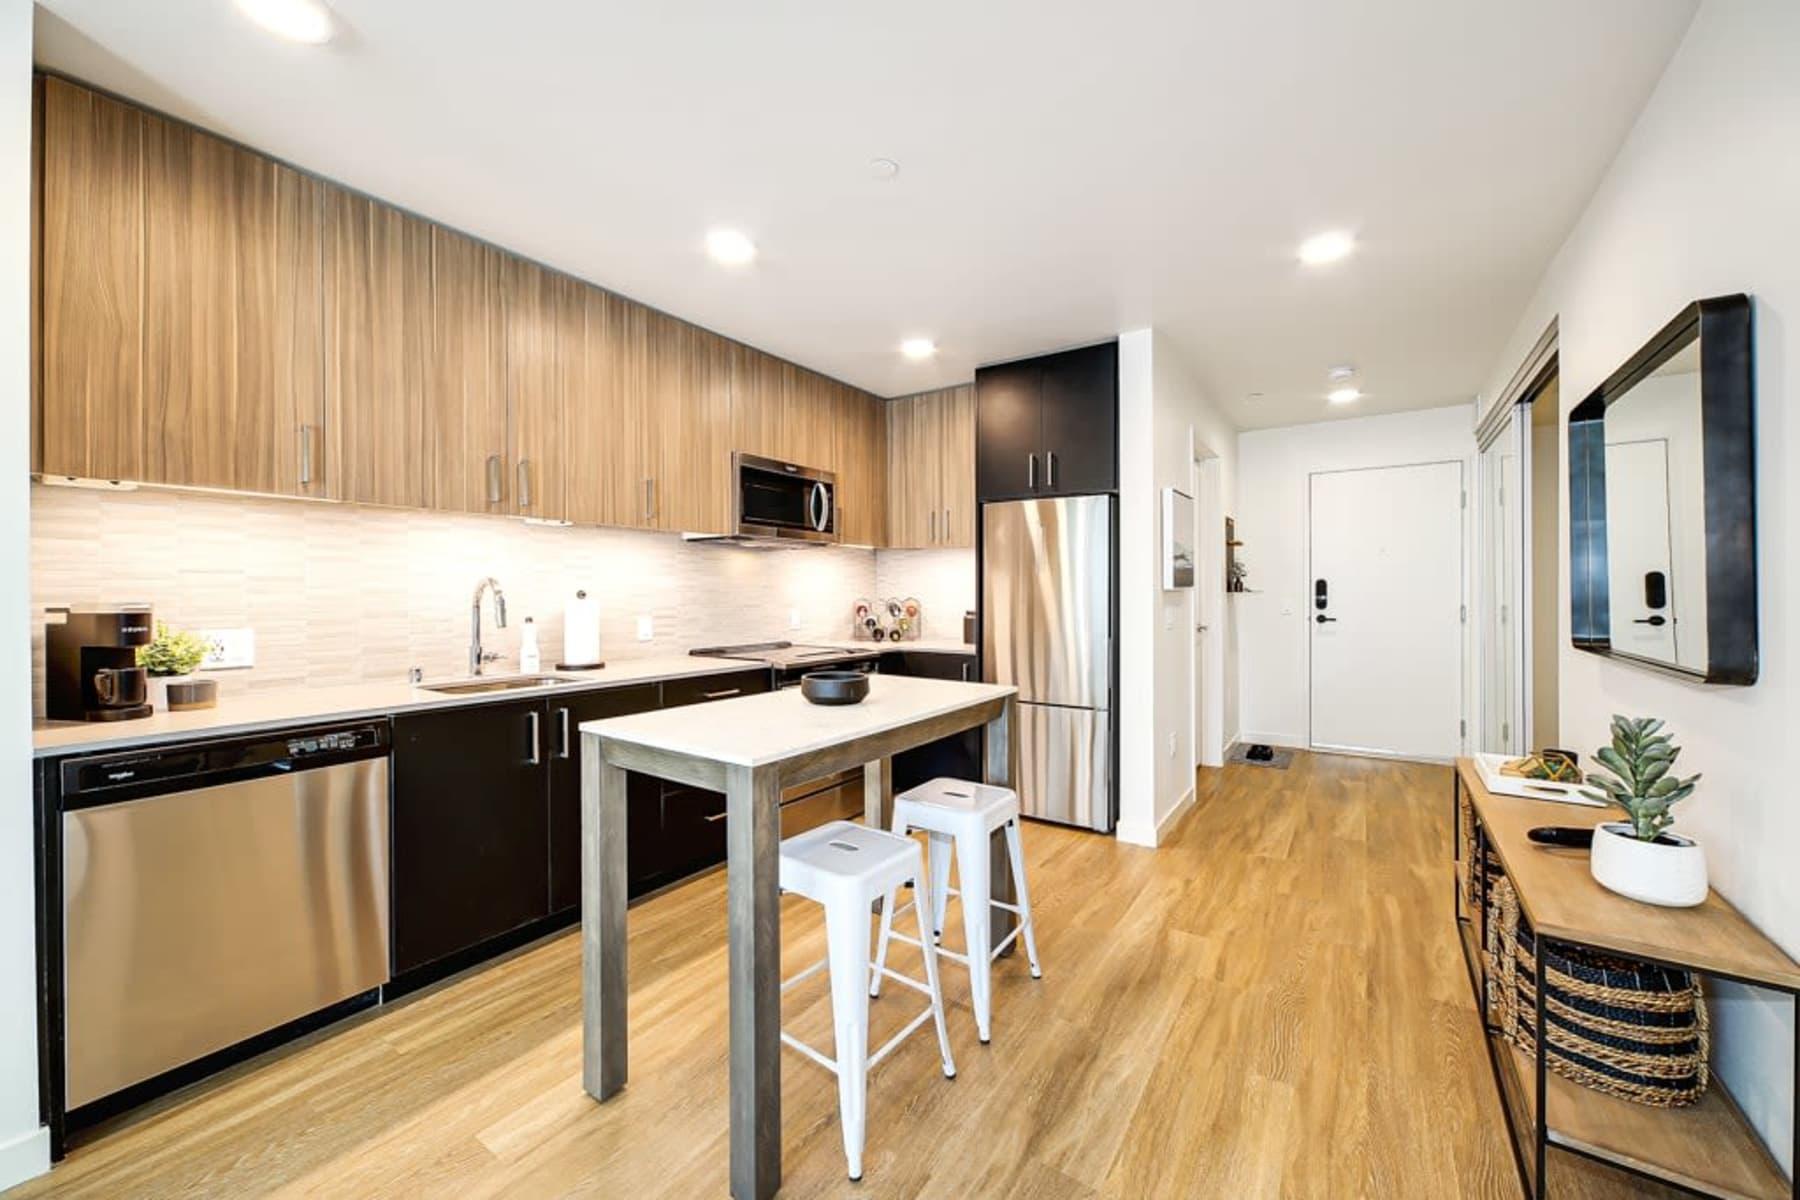 Kitchen at Blackbird in Redmond, Washington